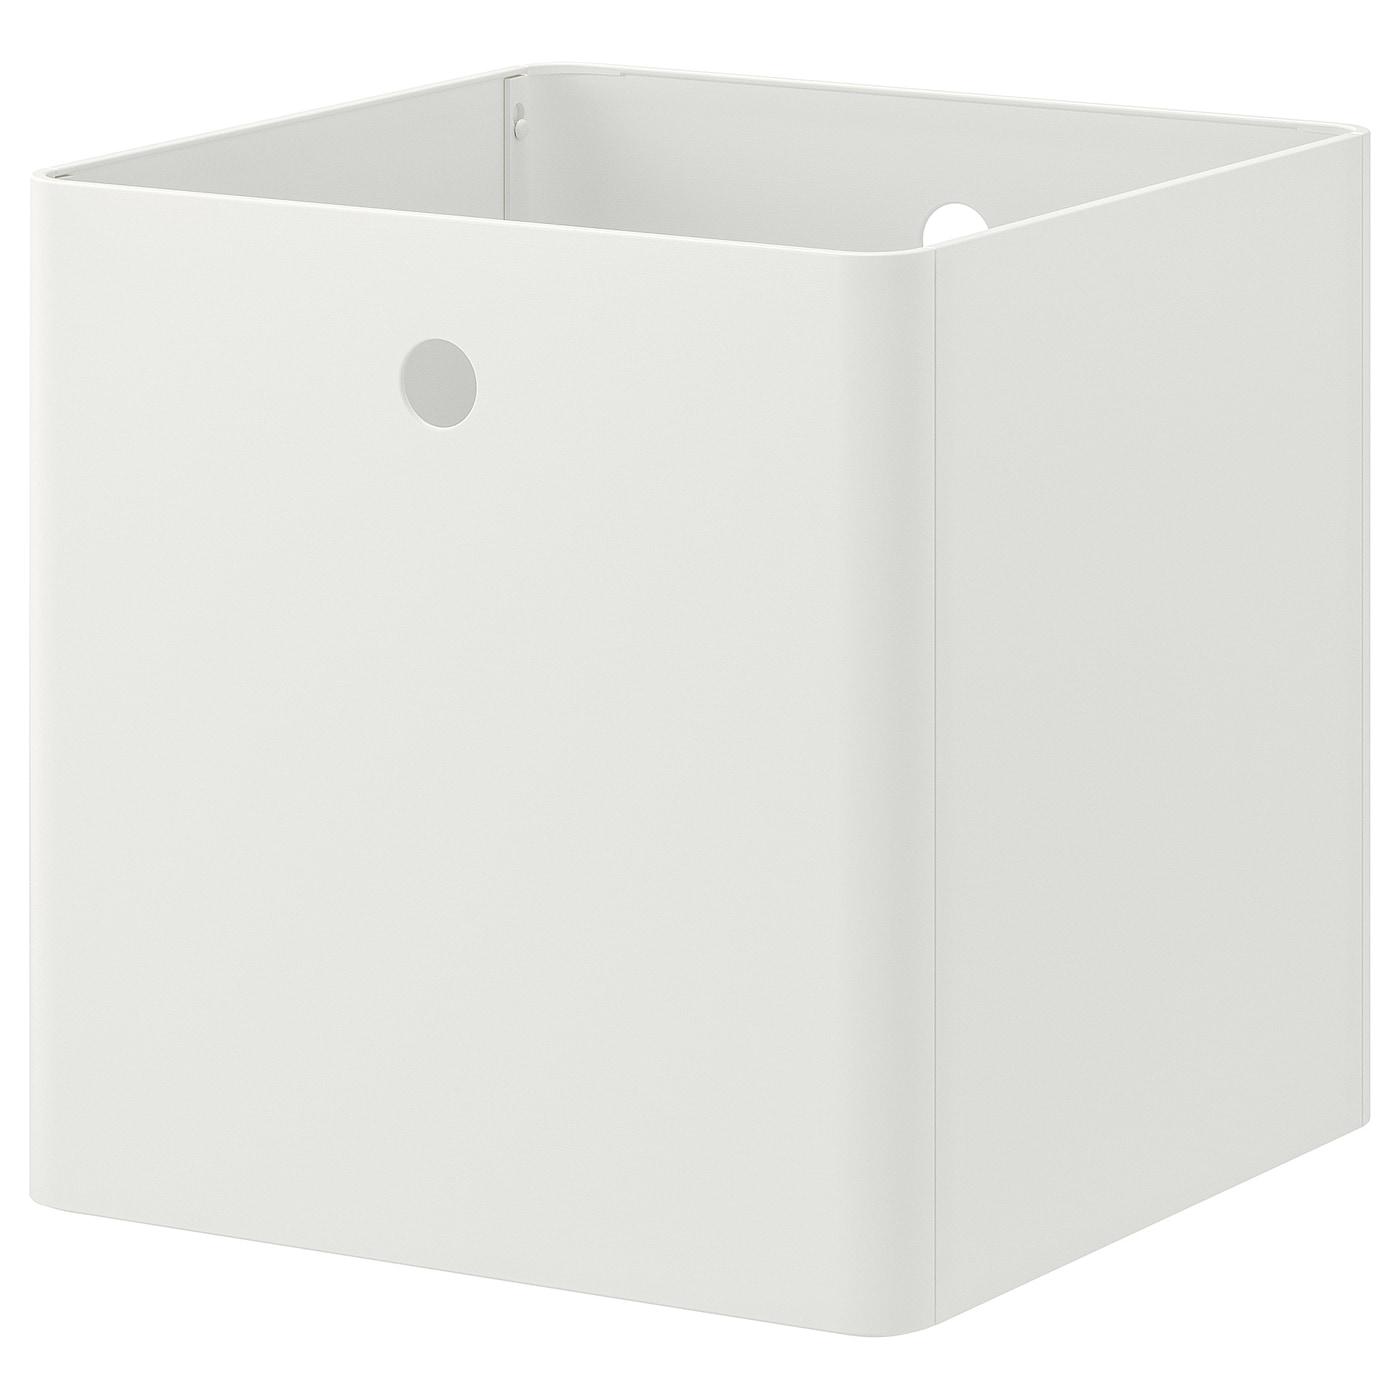 Kuggis Box Weiss Ikea Deutschland